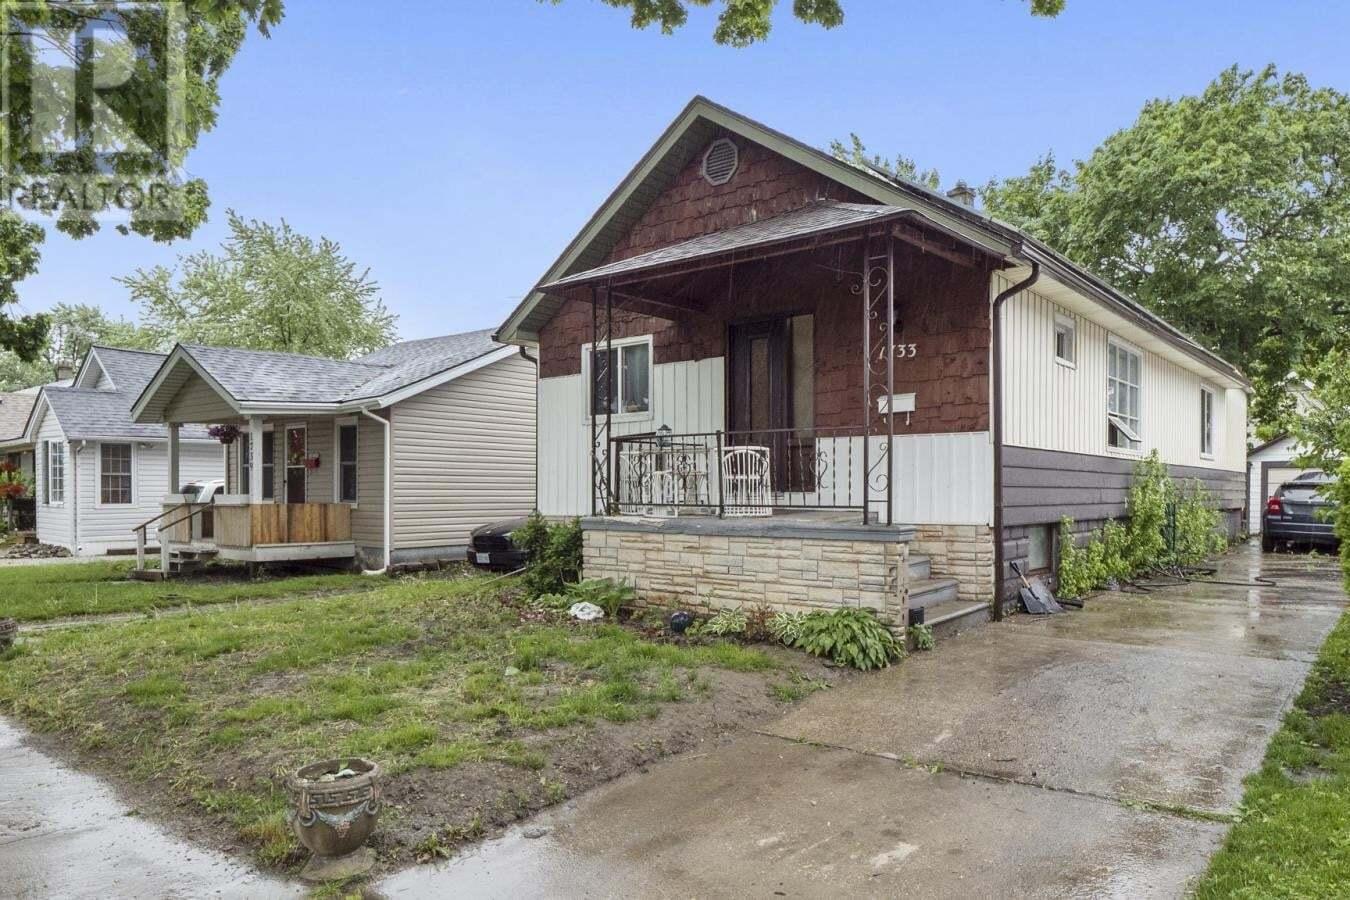 House for sale at 1733 St. Luke Rd Windsor Ontario - MLS: 20006413